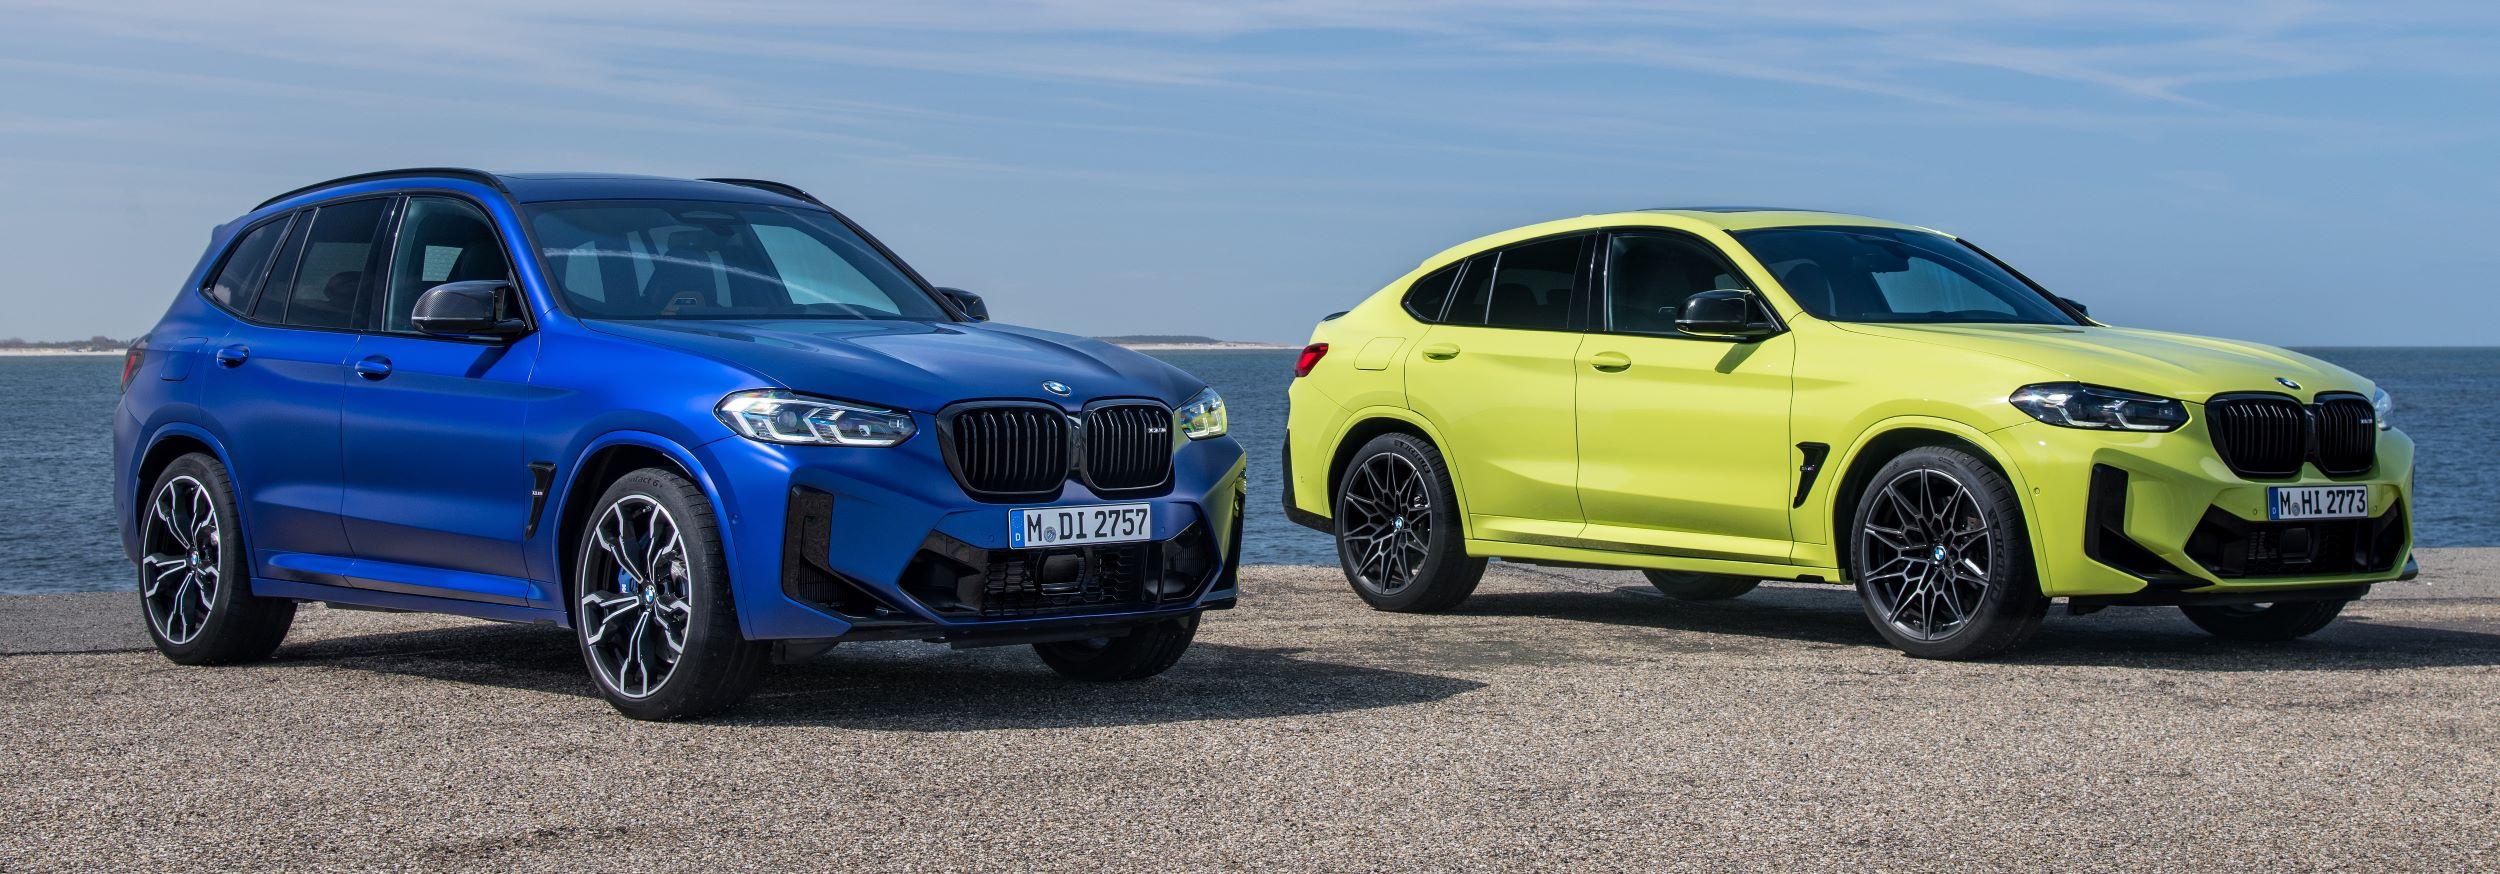 BMW X3, X4 M przód